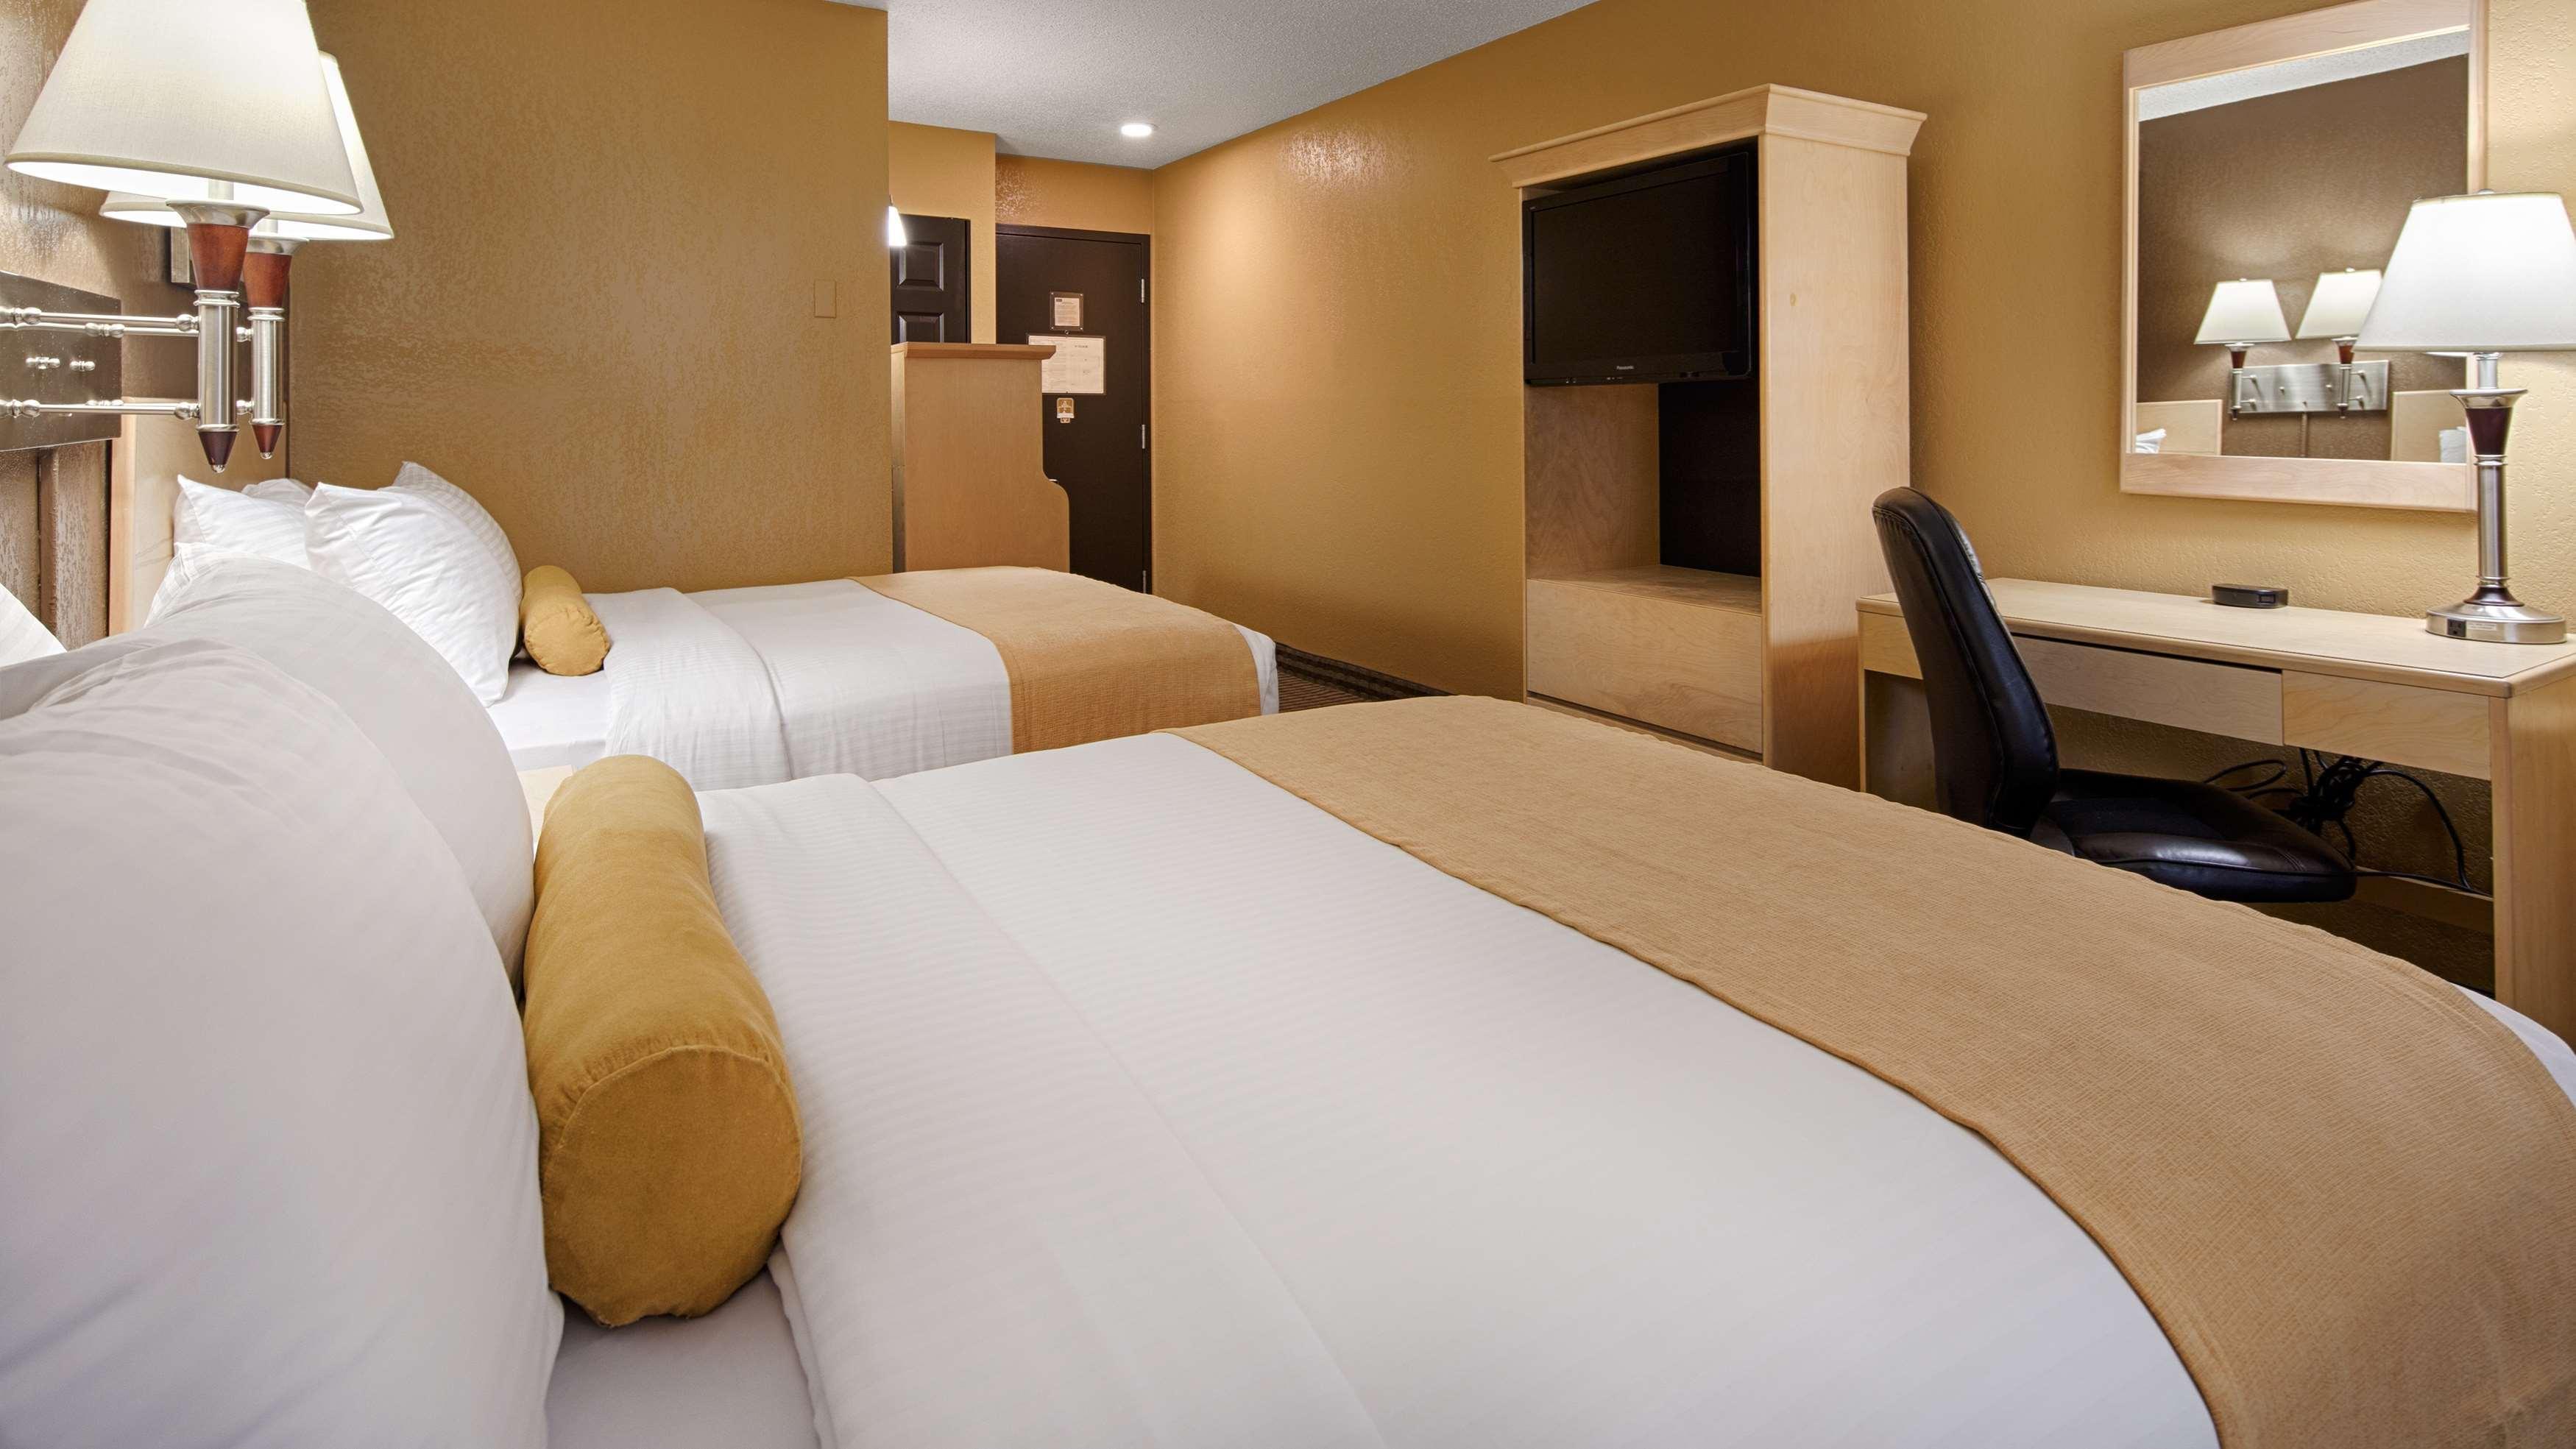 SureStay Plus Hotel by Best Western Seven Oaks in Regina: 2 Queens